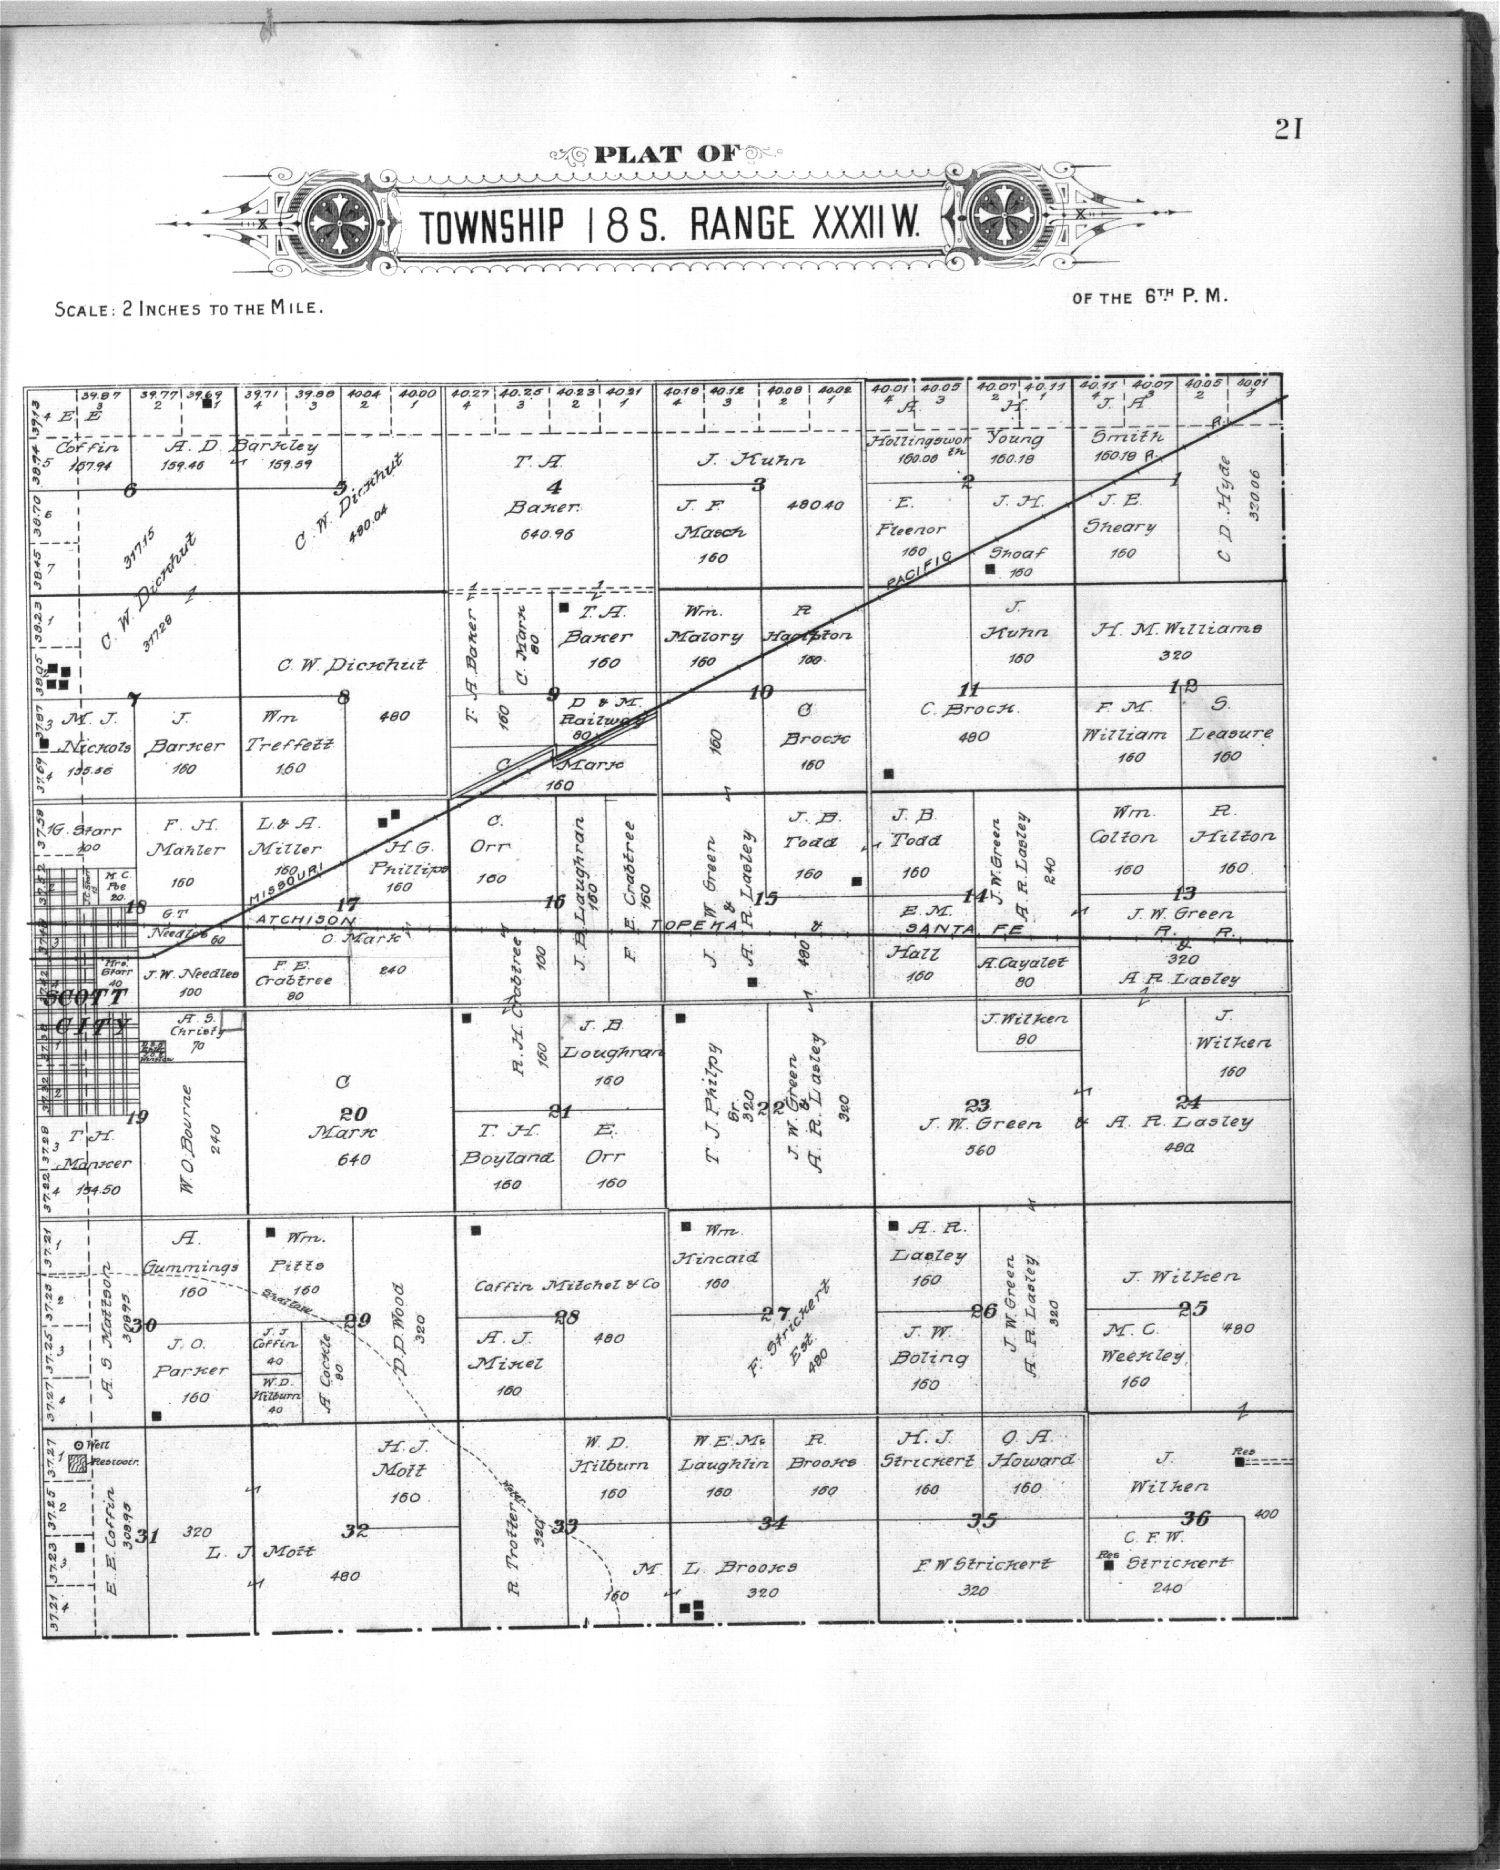 Plat book of Scott County, Kansas - 11